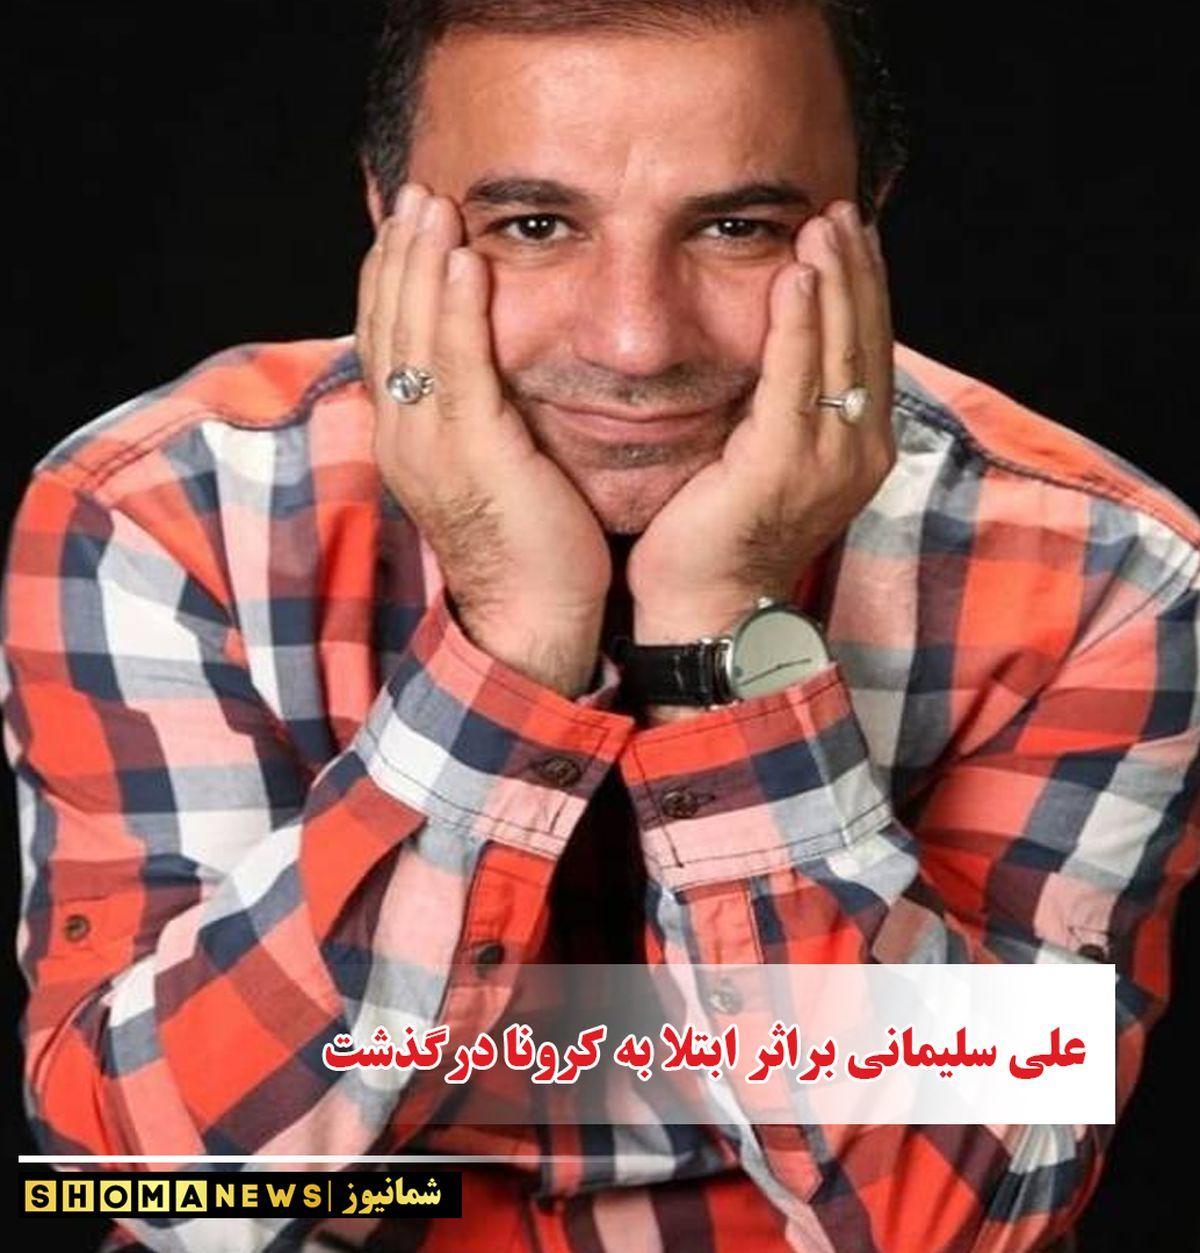 علی سلیمانی درگذشت + علت فوت علی سلیمانی و تصاویر علی سلیمانی و همسر و دخترش